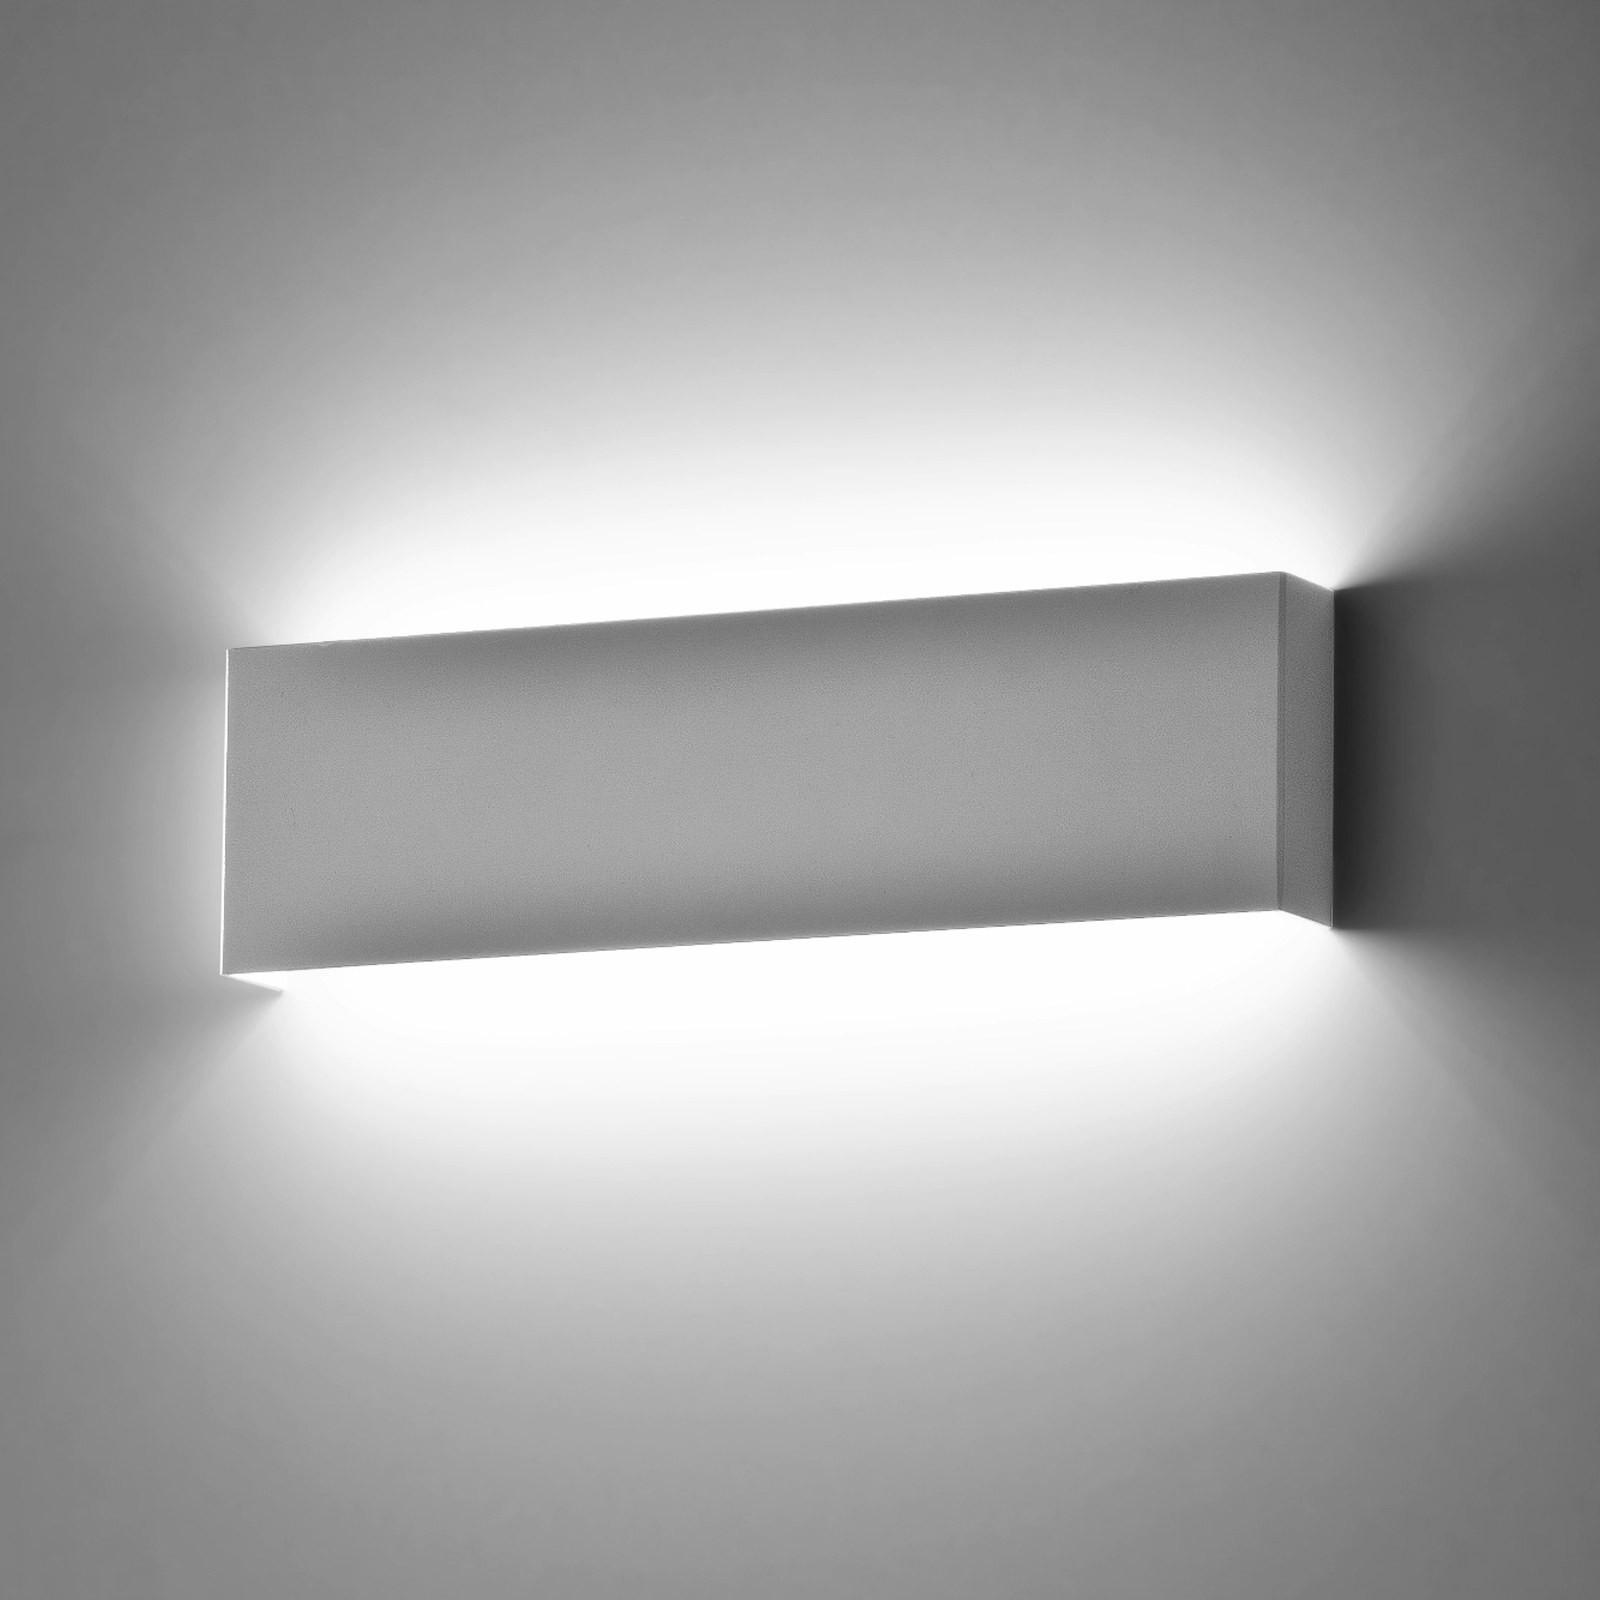 Applique lampada da parete a led moderno luce calda bianco for Lampade da parete moderne